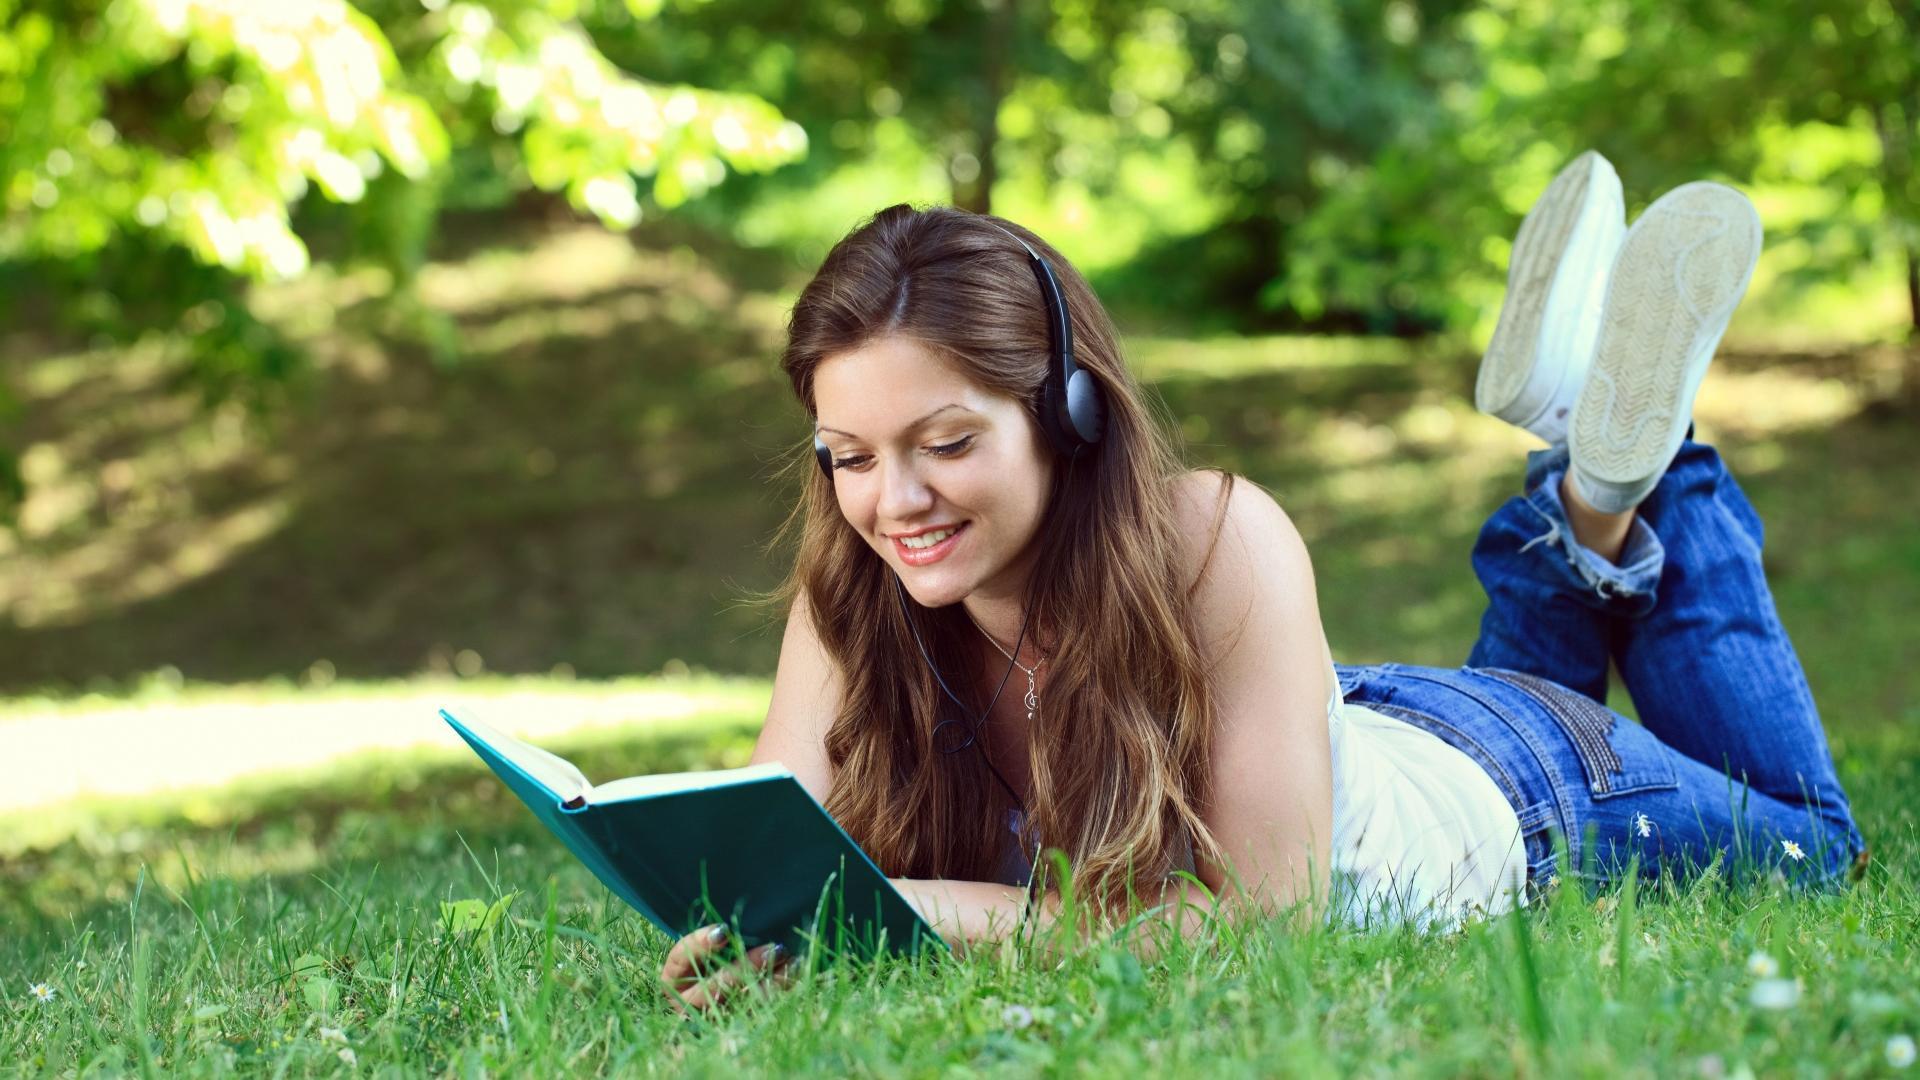 Мы читаем и слушаем текст разными нейронами